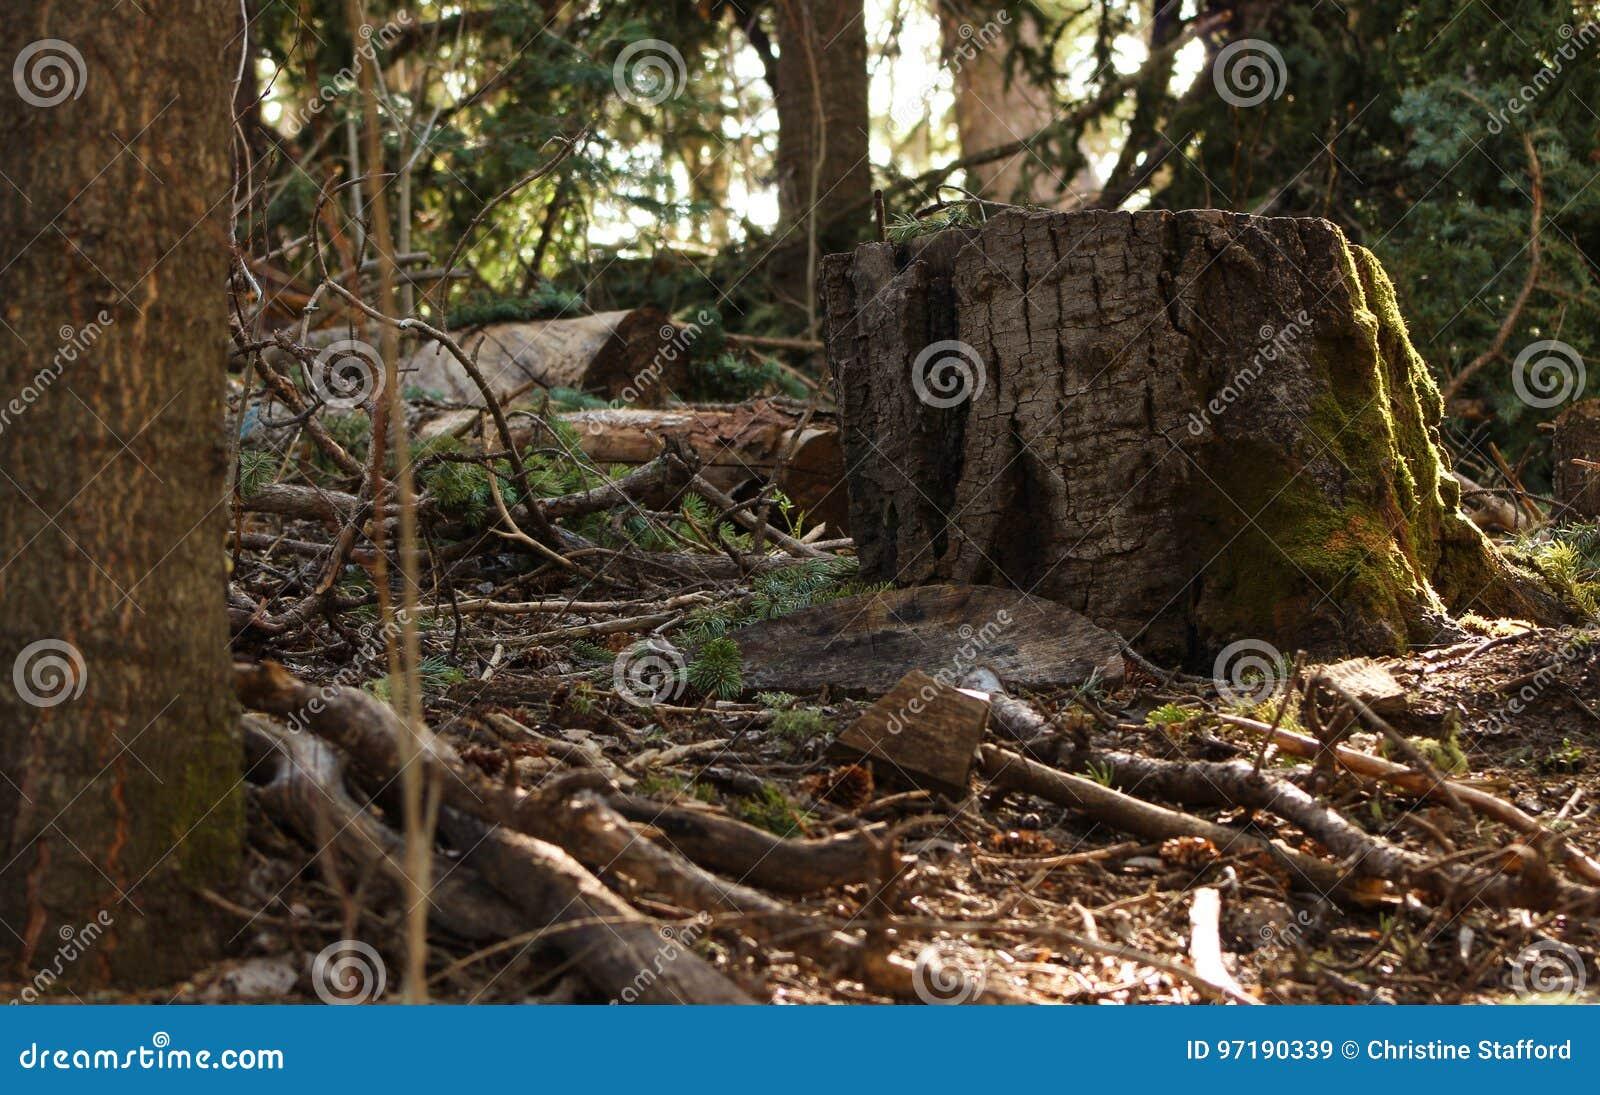 Βρύο ανάπτυξης κολοβωμάτων δασικών δέντρων το καλοκαίρι